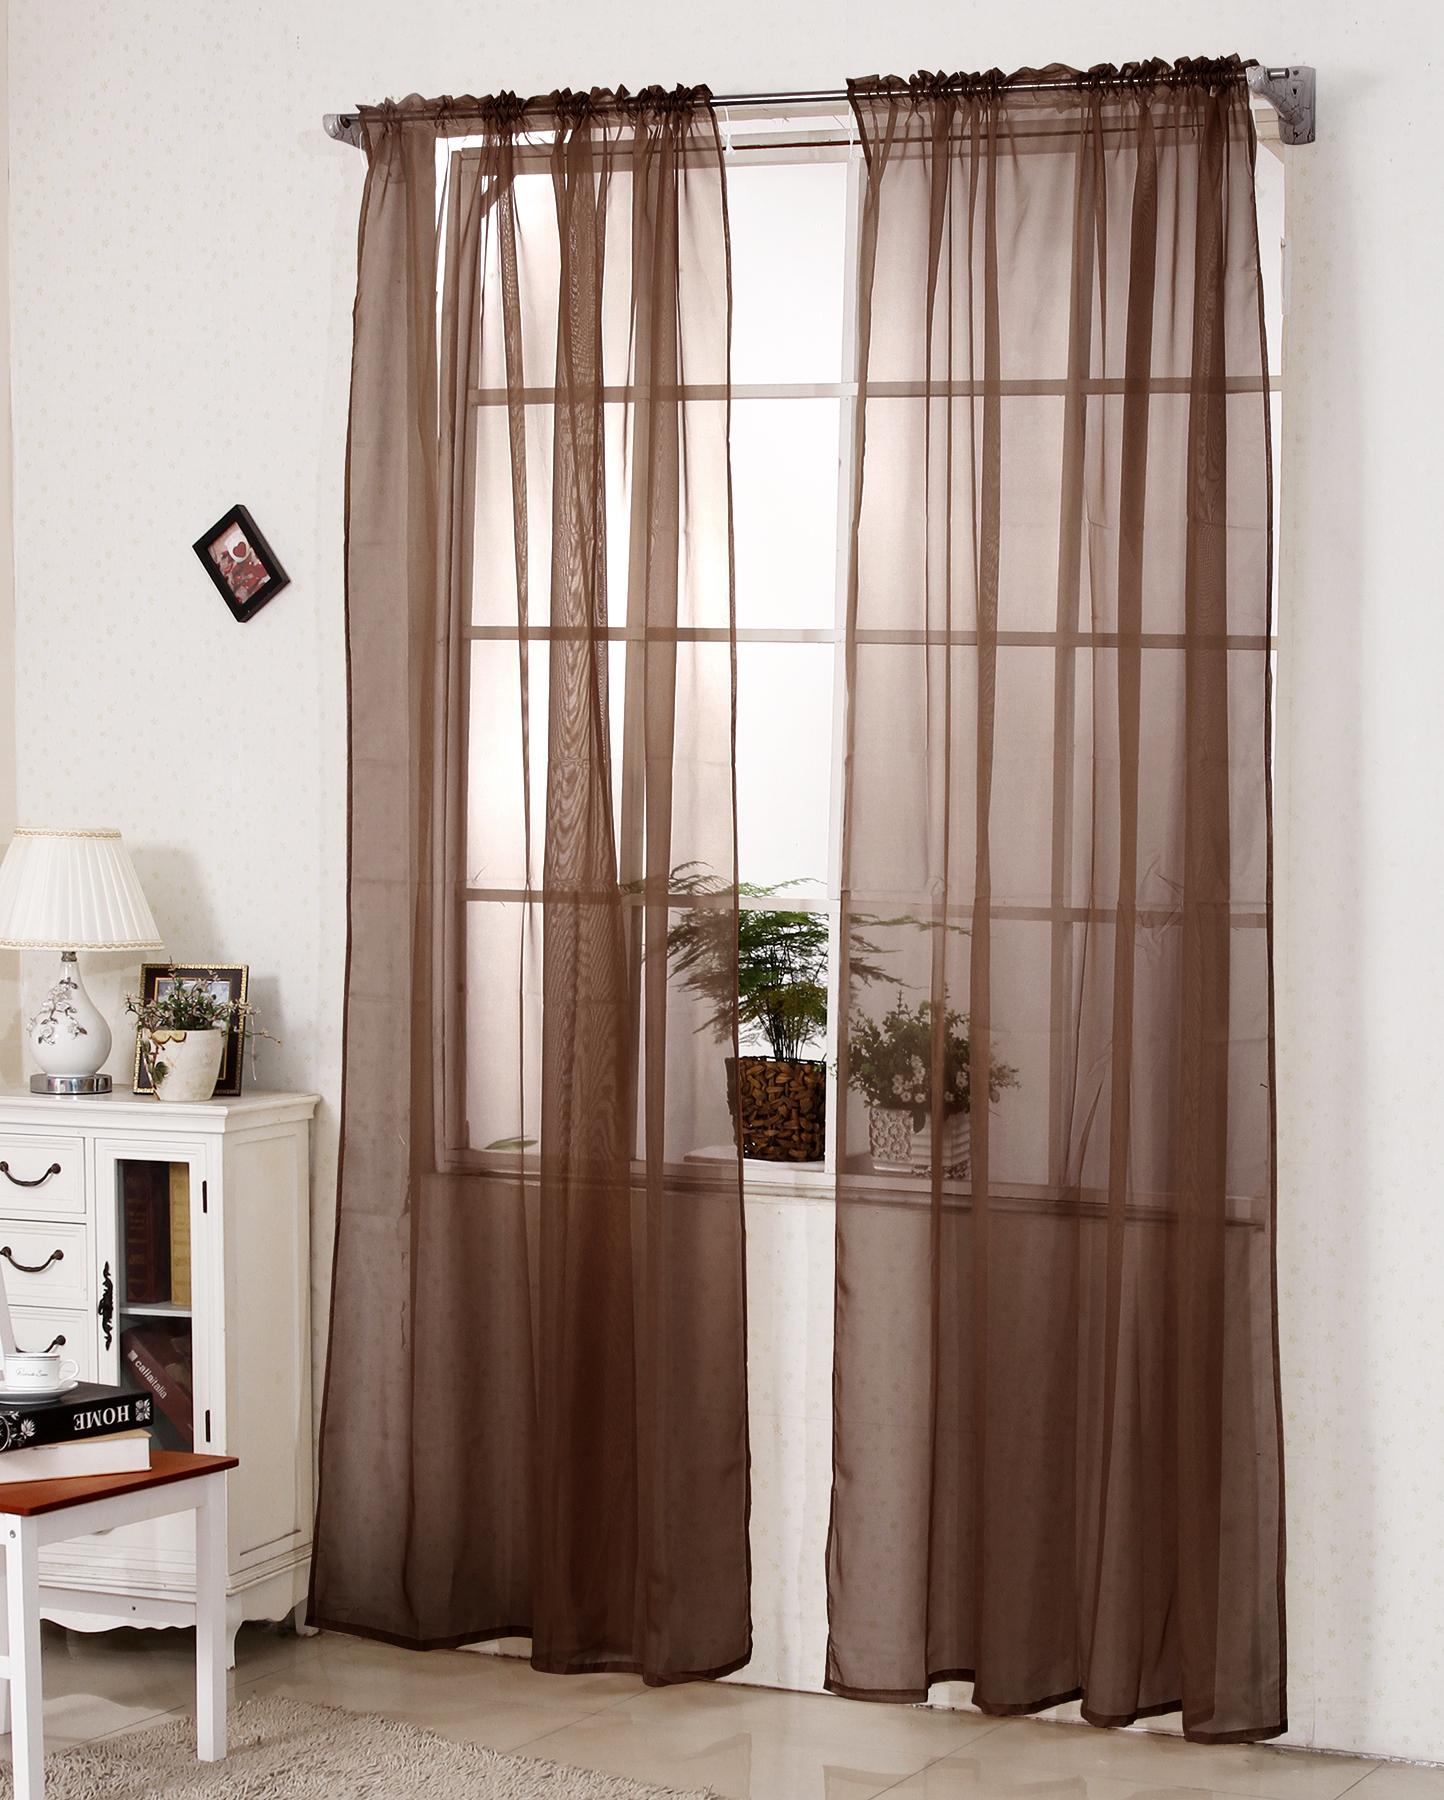 Gardinen Vorhang Stores Mit 50mm Kräuselband Transparent Dekoschal